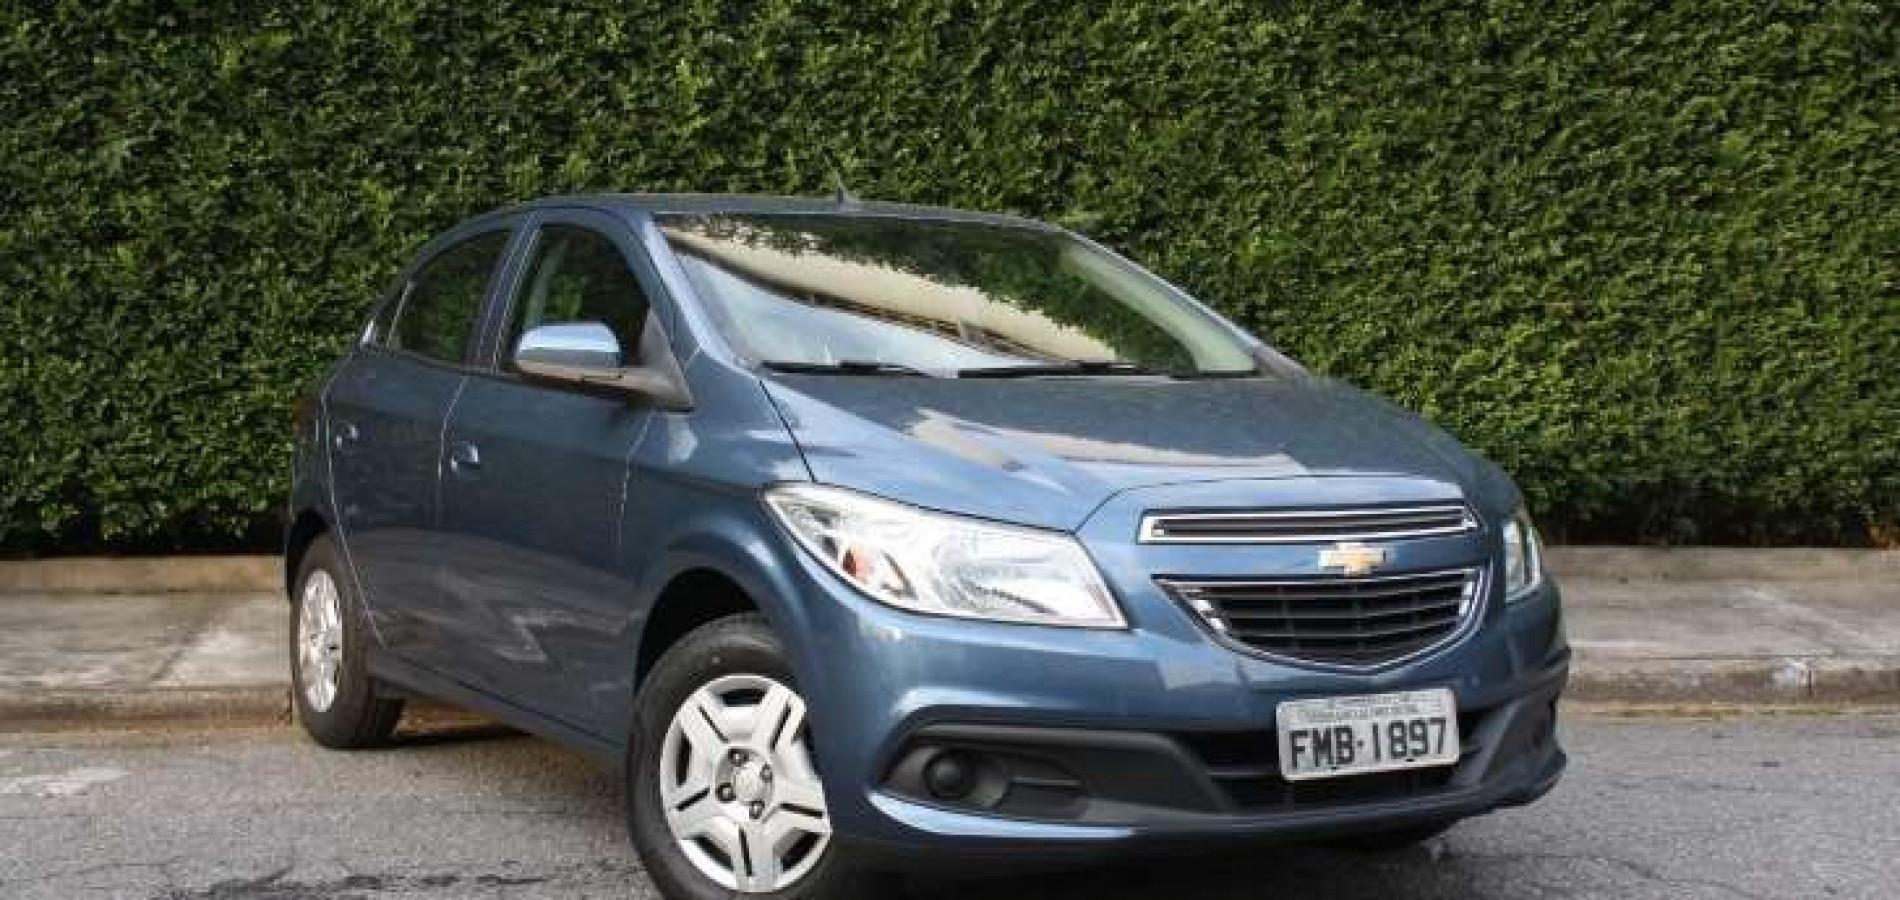 Chevrolet reduz preços de metade dos modelos no Brasil